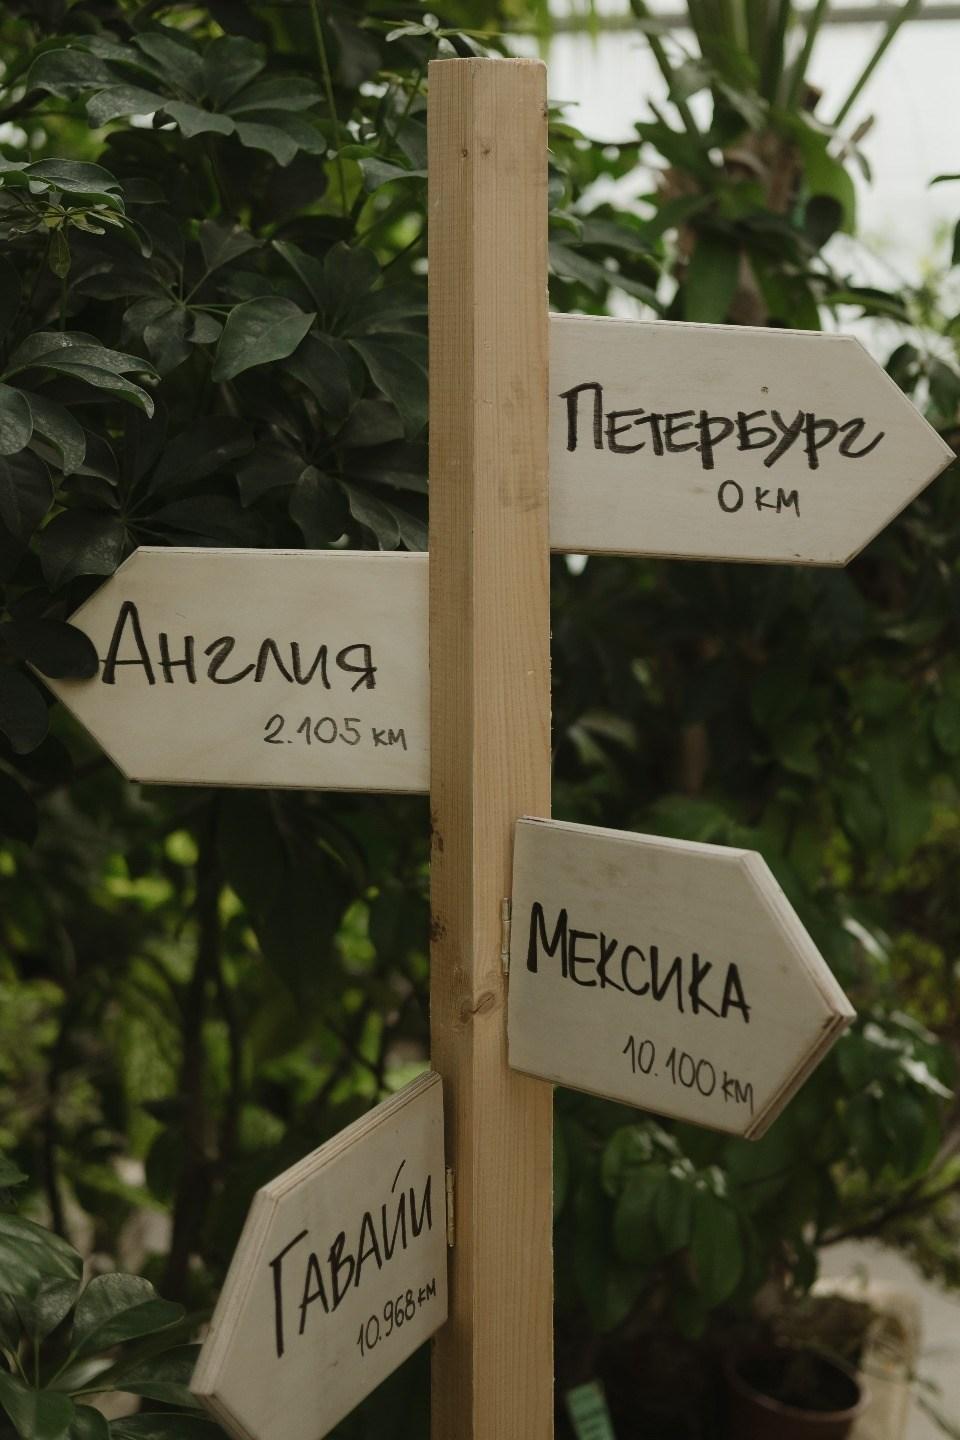 Гавайи, Мексика и Англия в Питере: свадьба в стиле «путешествия»